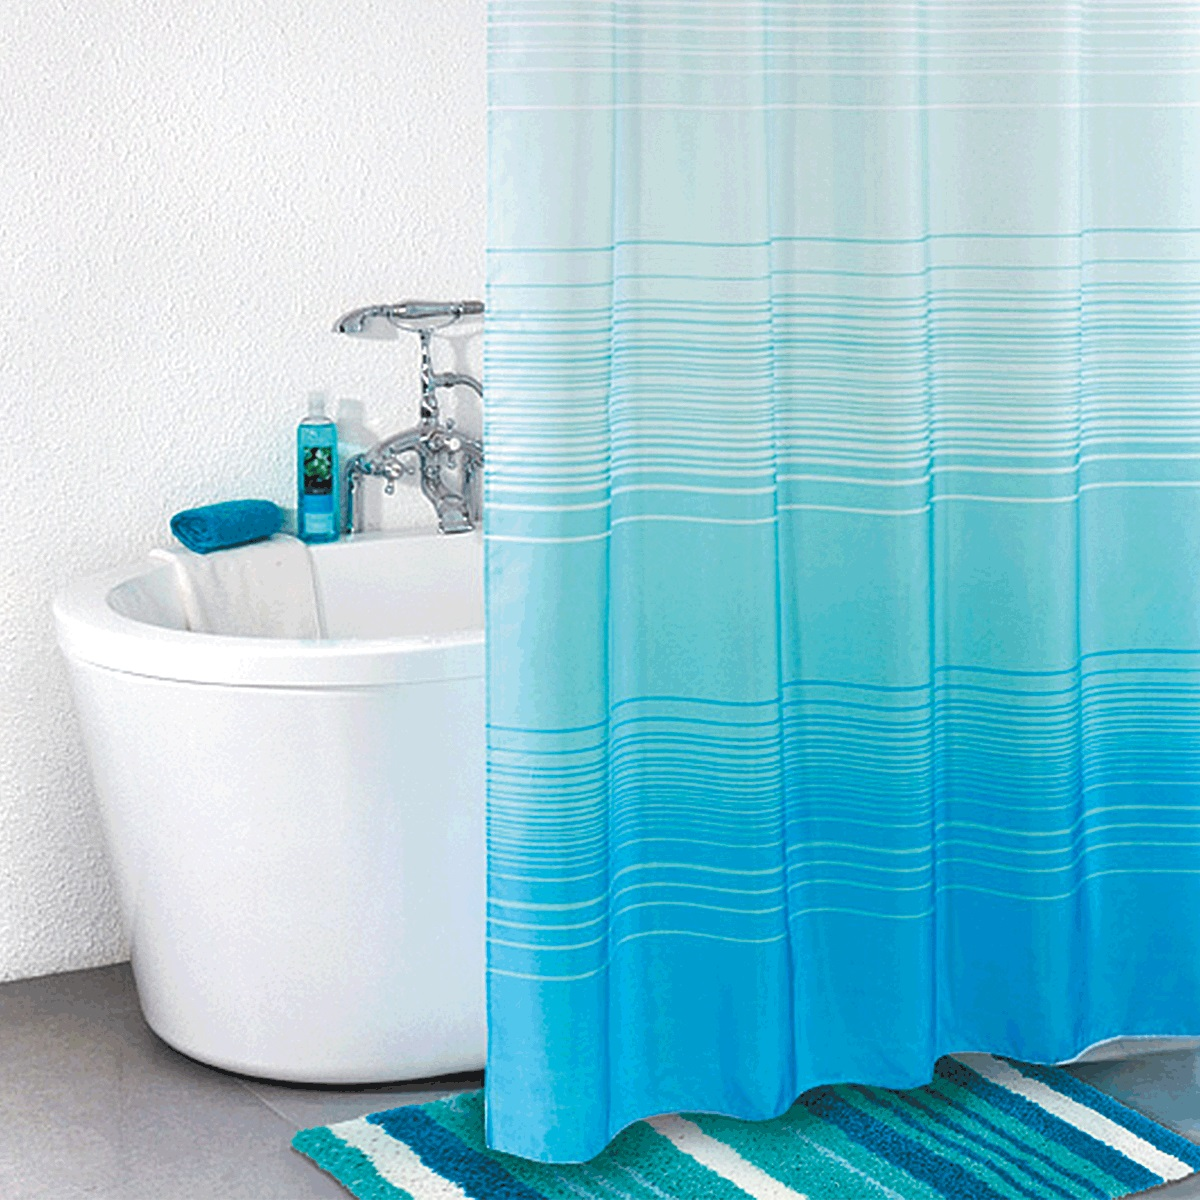 Штора для ванной Iddis Blue Horizon, цвет: синий, 200 x 200 см301P20RI11материал: текстиль, 100% полиэстер, водоотталкивающая пропитка, кольца в комплекте, упаковка ПВХ пакет, плотность 110 г/м, 12 металлических люверсов, 12 колец в комплекте